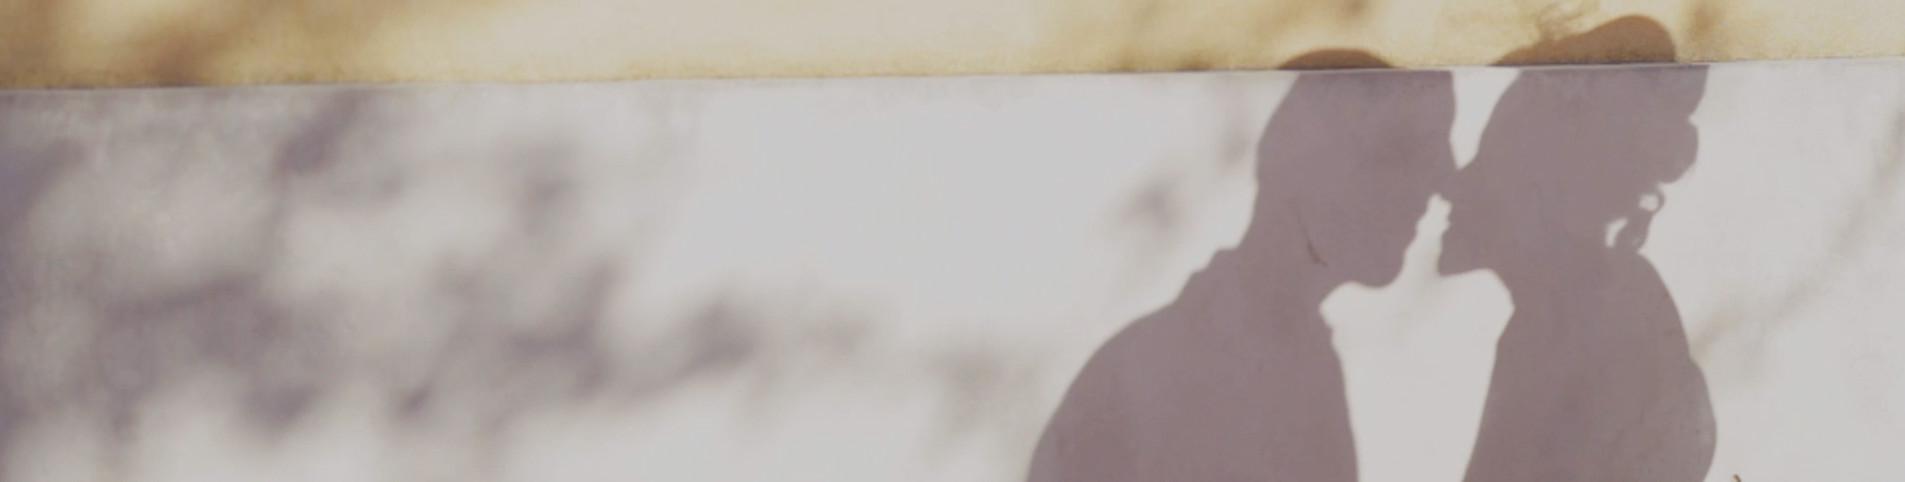 Trailer Andrea e Valentina - 28 Giugno 2014